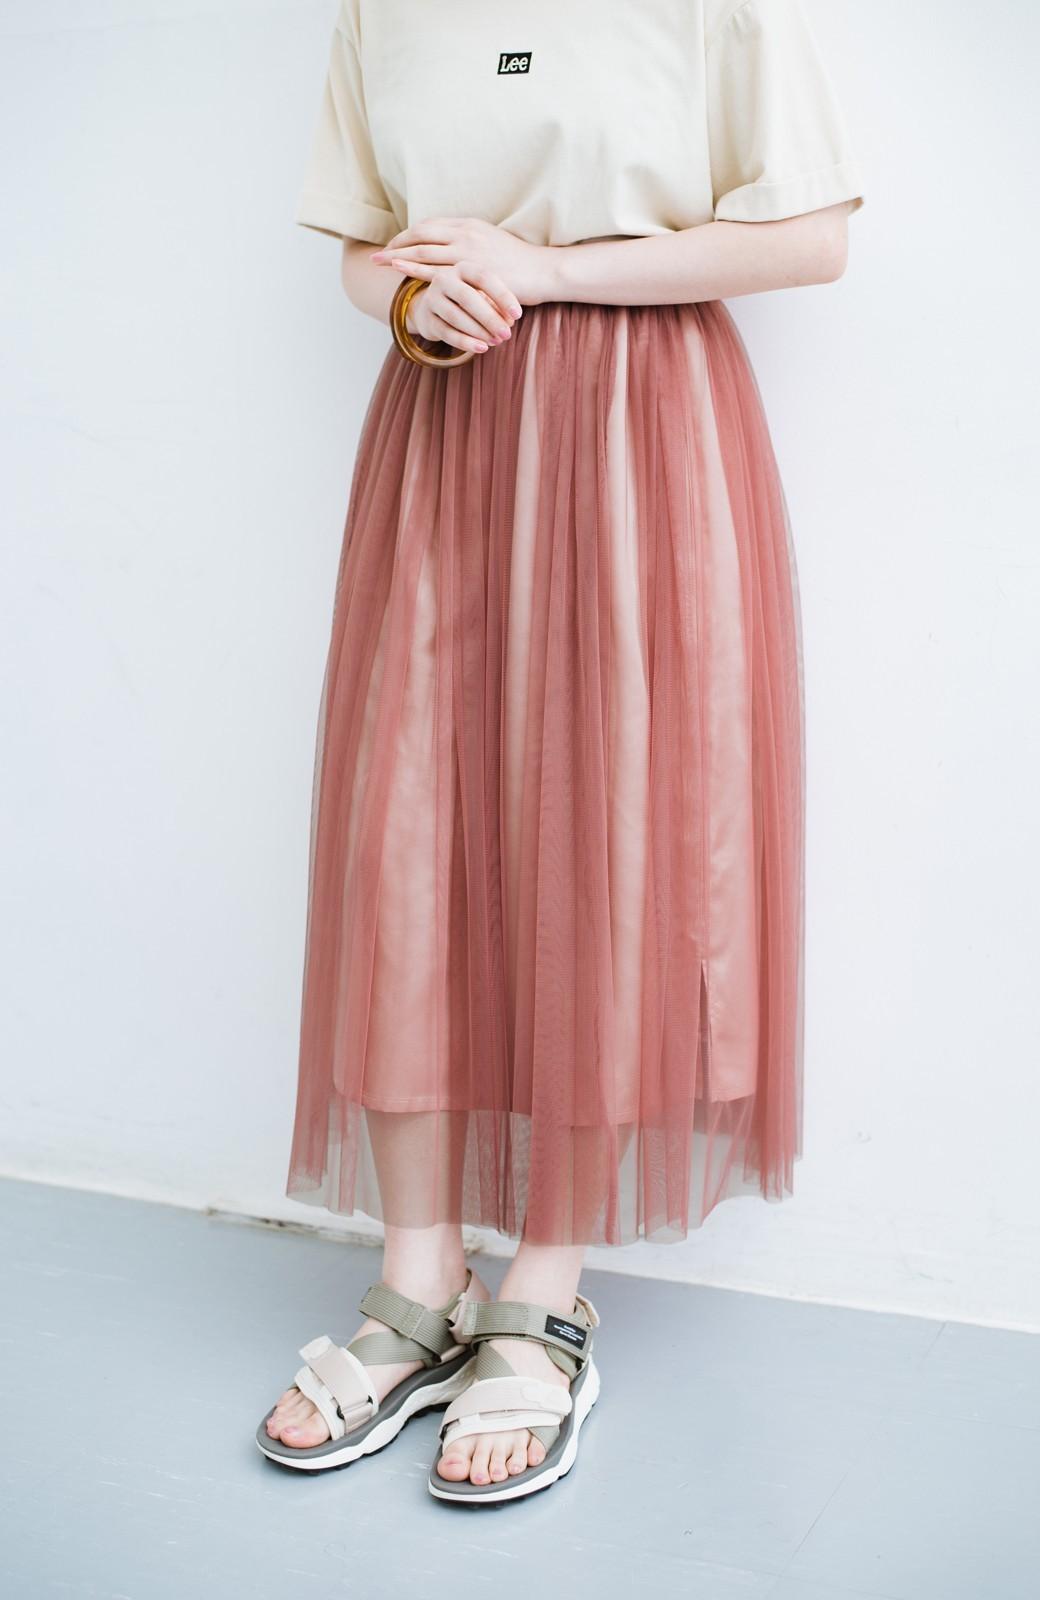 haco! 着るだけでルンとした気分になる! 長ーーい季節着られてずっと使えるオトナのためのチュールスカート <ピンク>の商品写真1